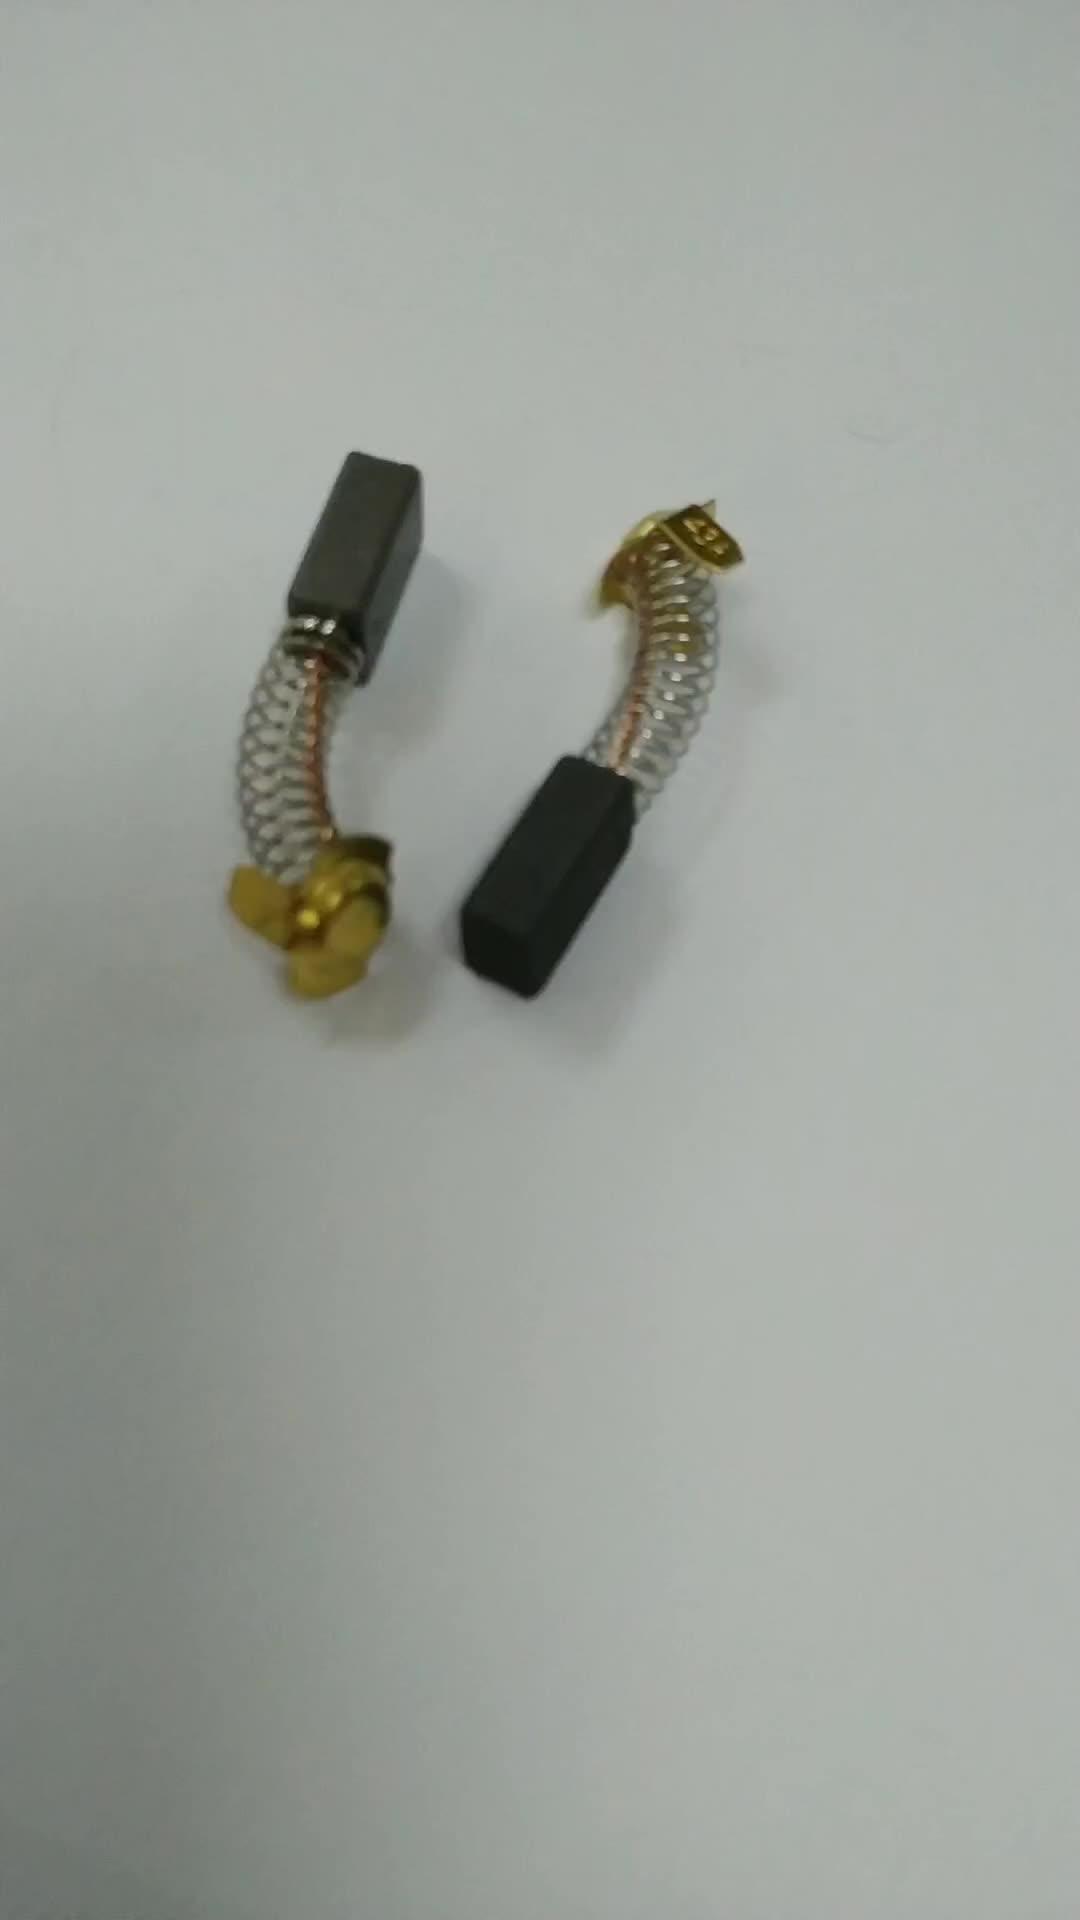 Gueshualian — brosse à carbone 999030 3/14mm(999030), moteur d'outils électriques japonais véritables 99-030, lot de 2 brosses à carbone